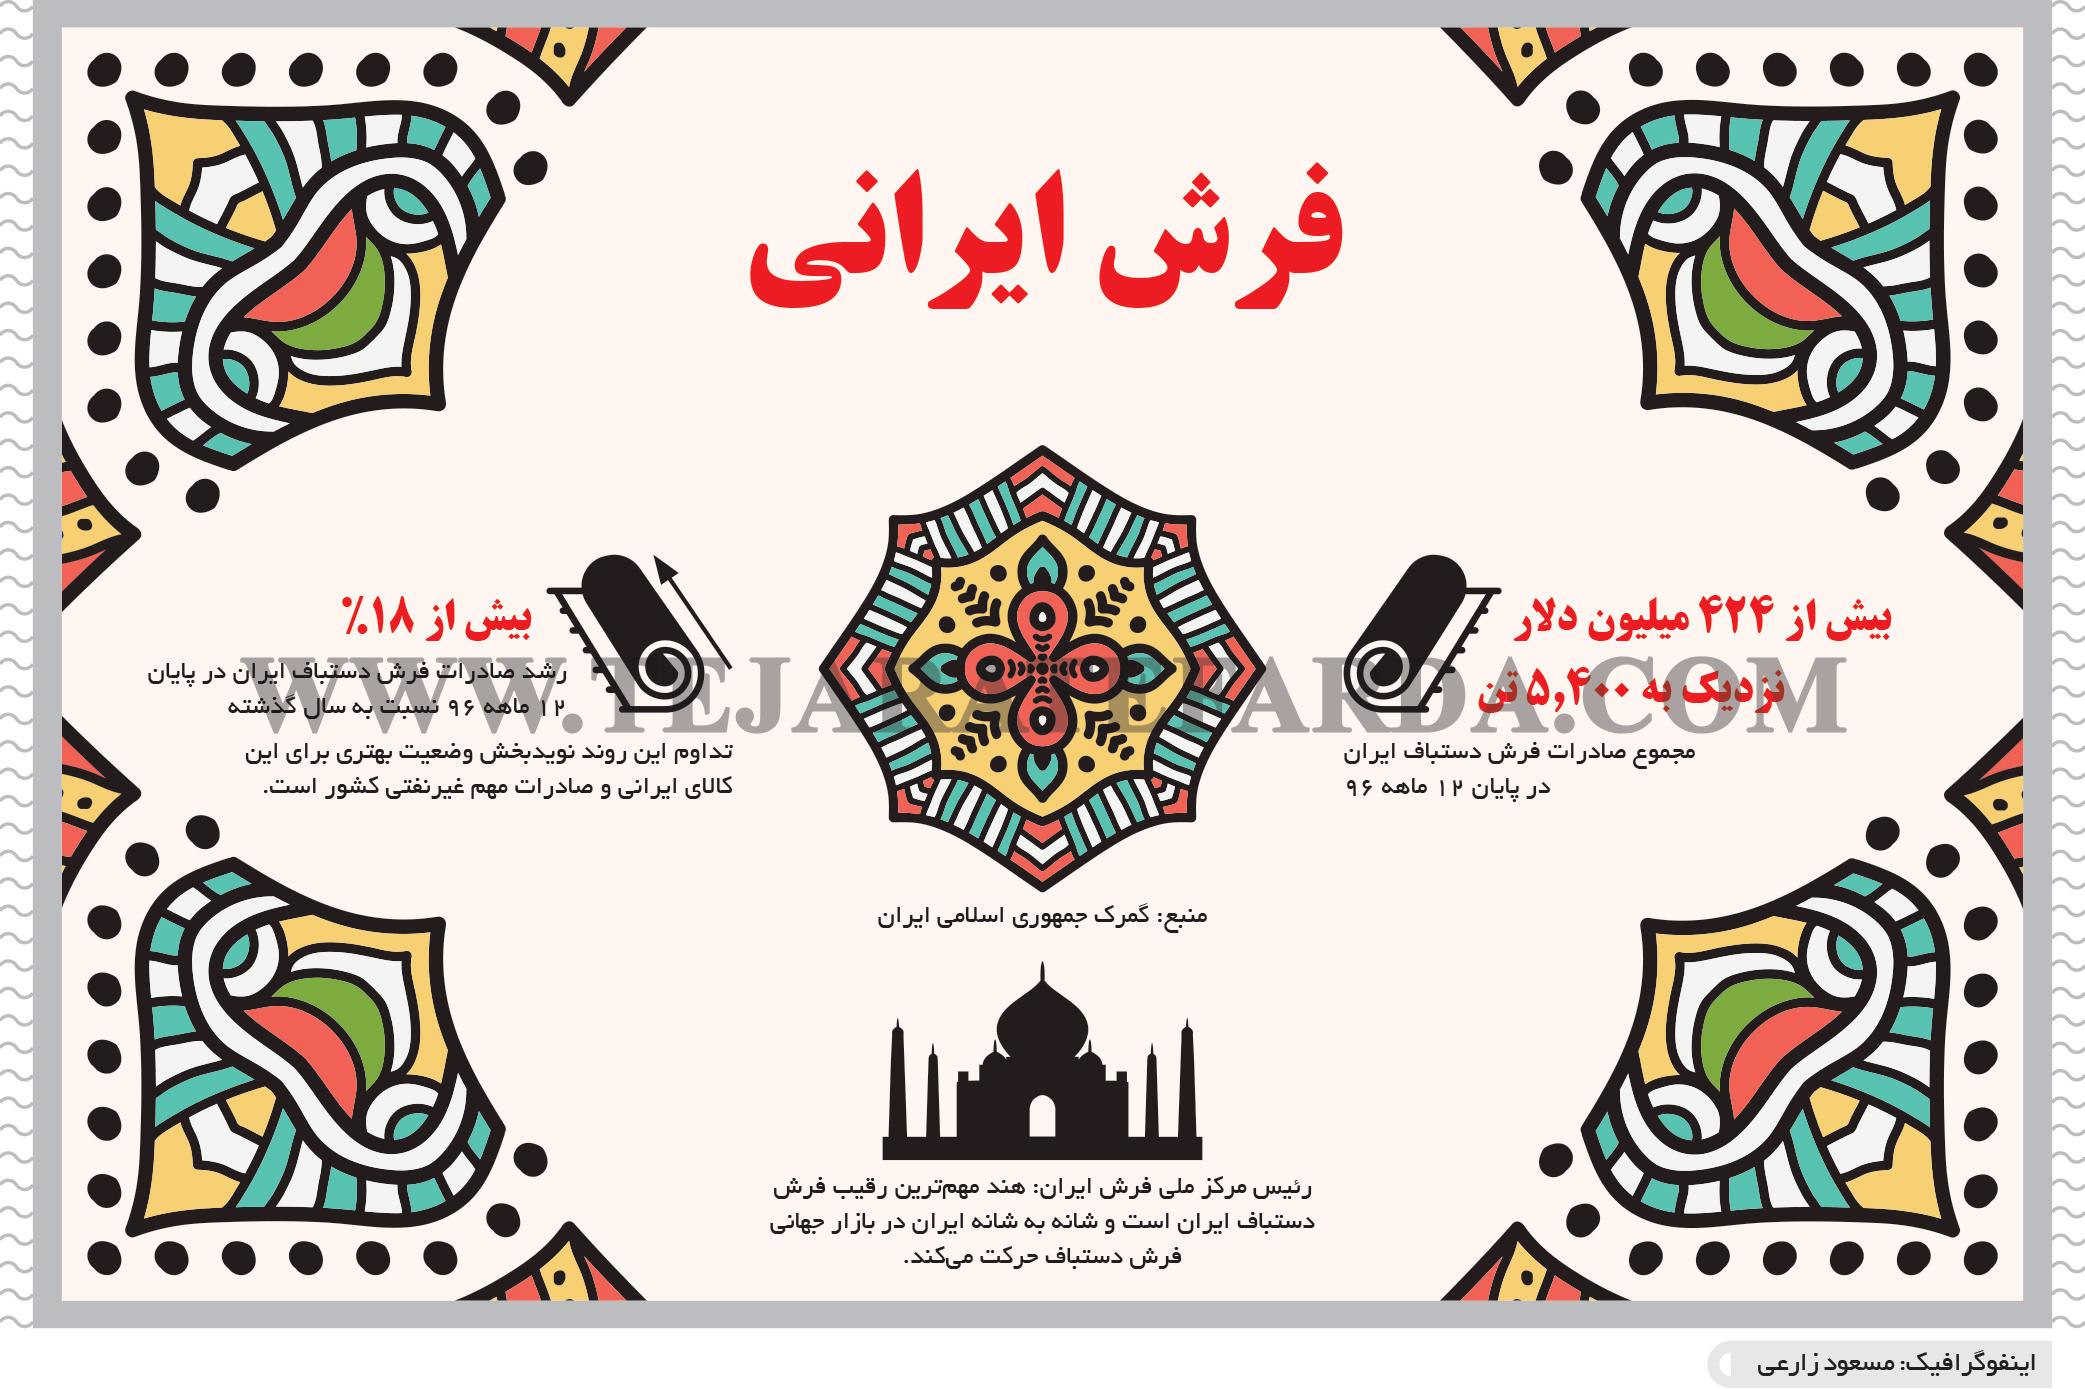 تجارت- فردا- فرش ایرانی(اینفوگرافیک)